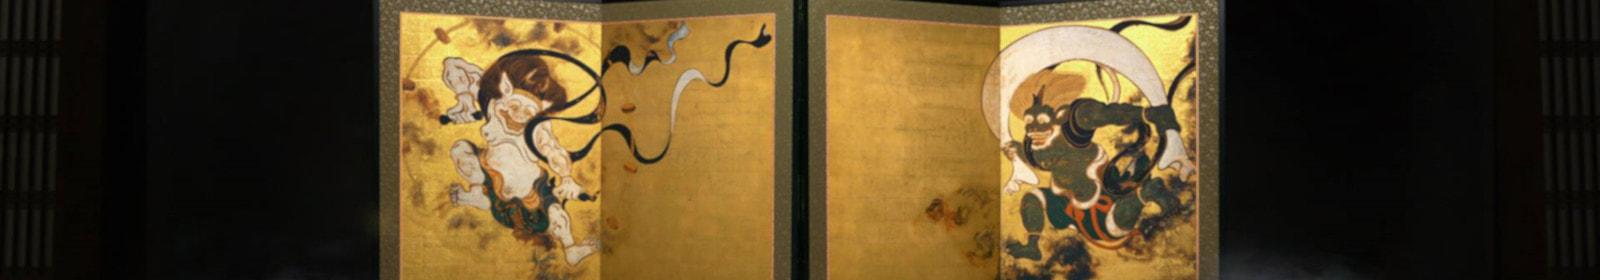 Japanese art 'Wind God and Thunder God'